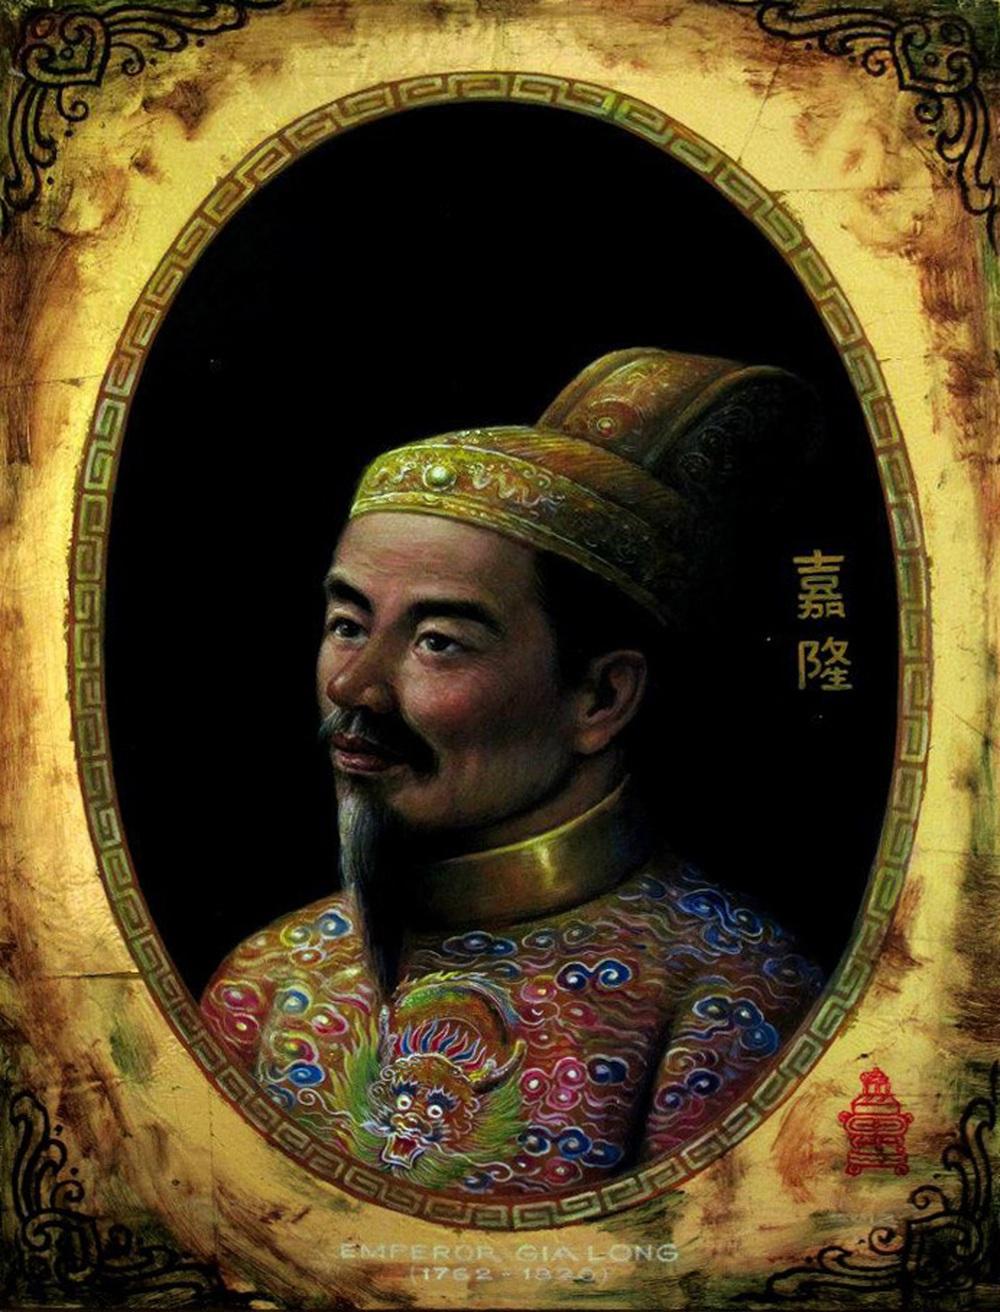 Bí quyết của vua Gia Long để có một sức khỏe dẻo dai, bền bỉ: Cả đời không động đến rượu? - Ảnh 2.